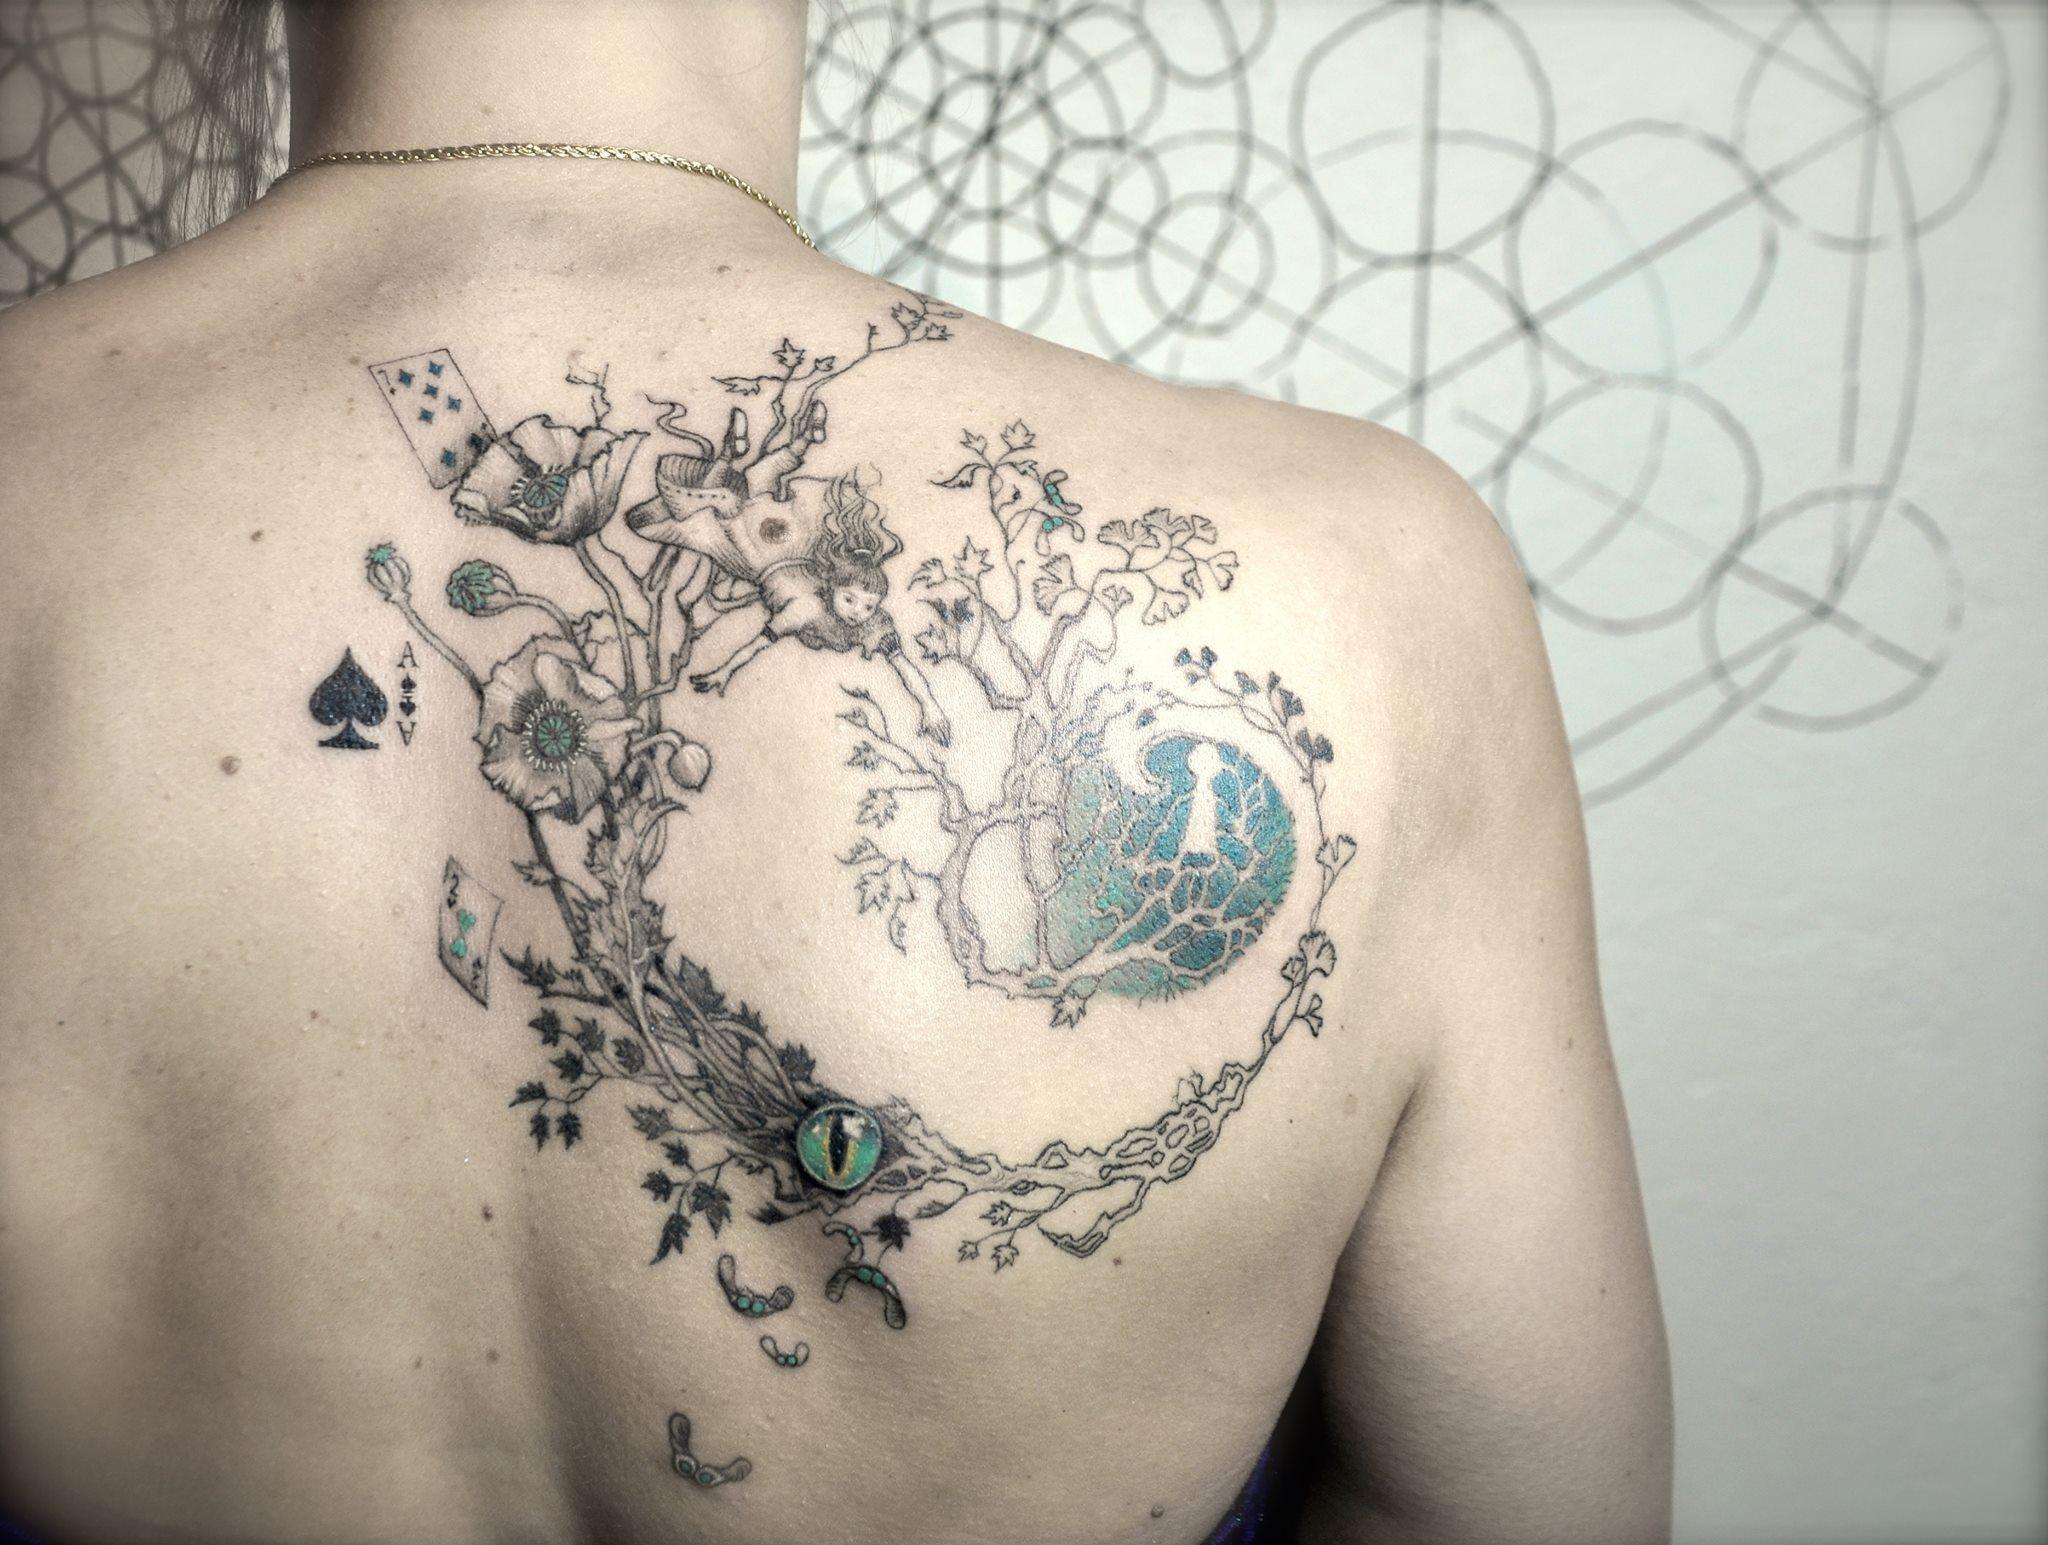 3d tatouage chat alice au pays des merveilles galerie tatouage - Tatouage chat alice au pays des merveilles ...